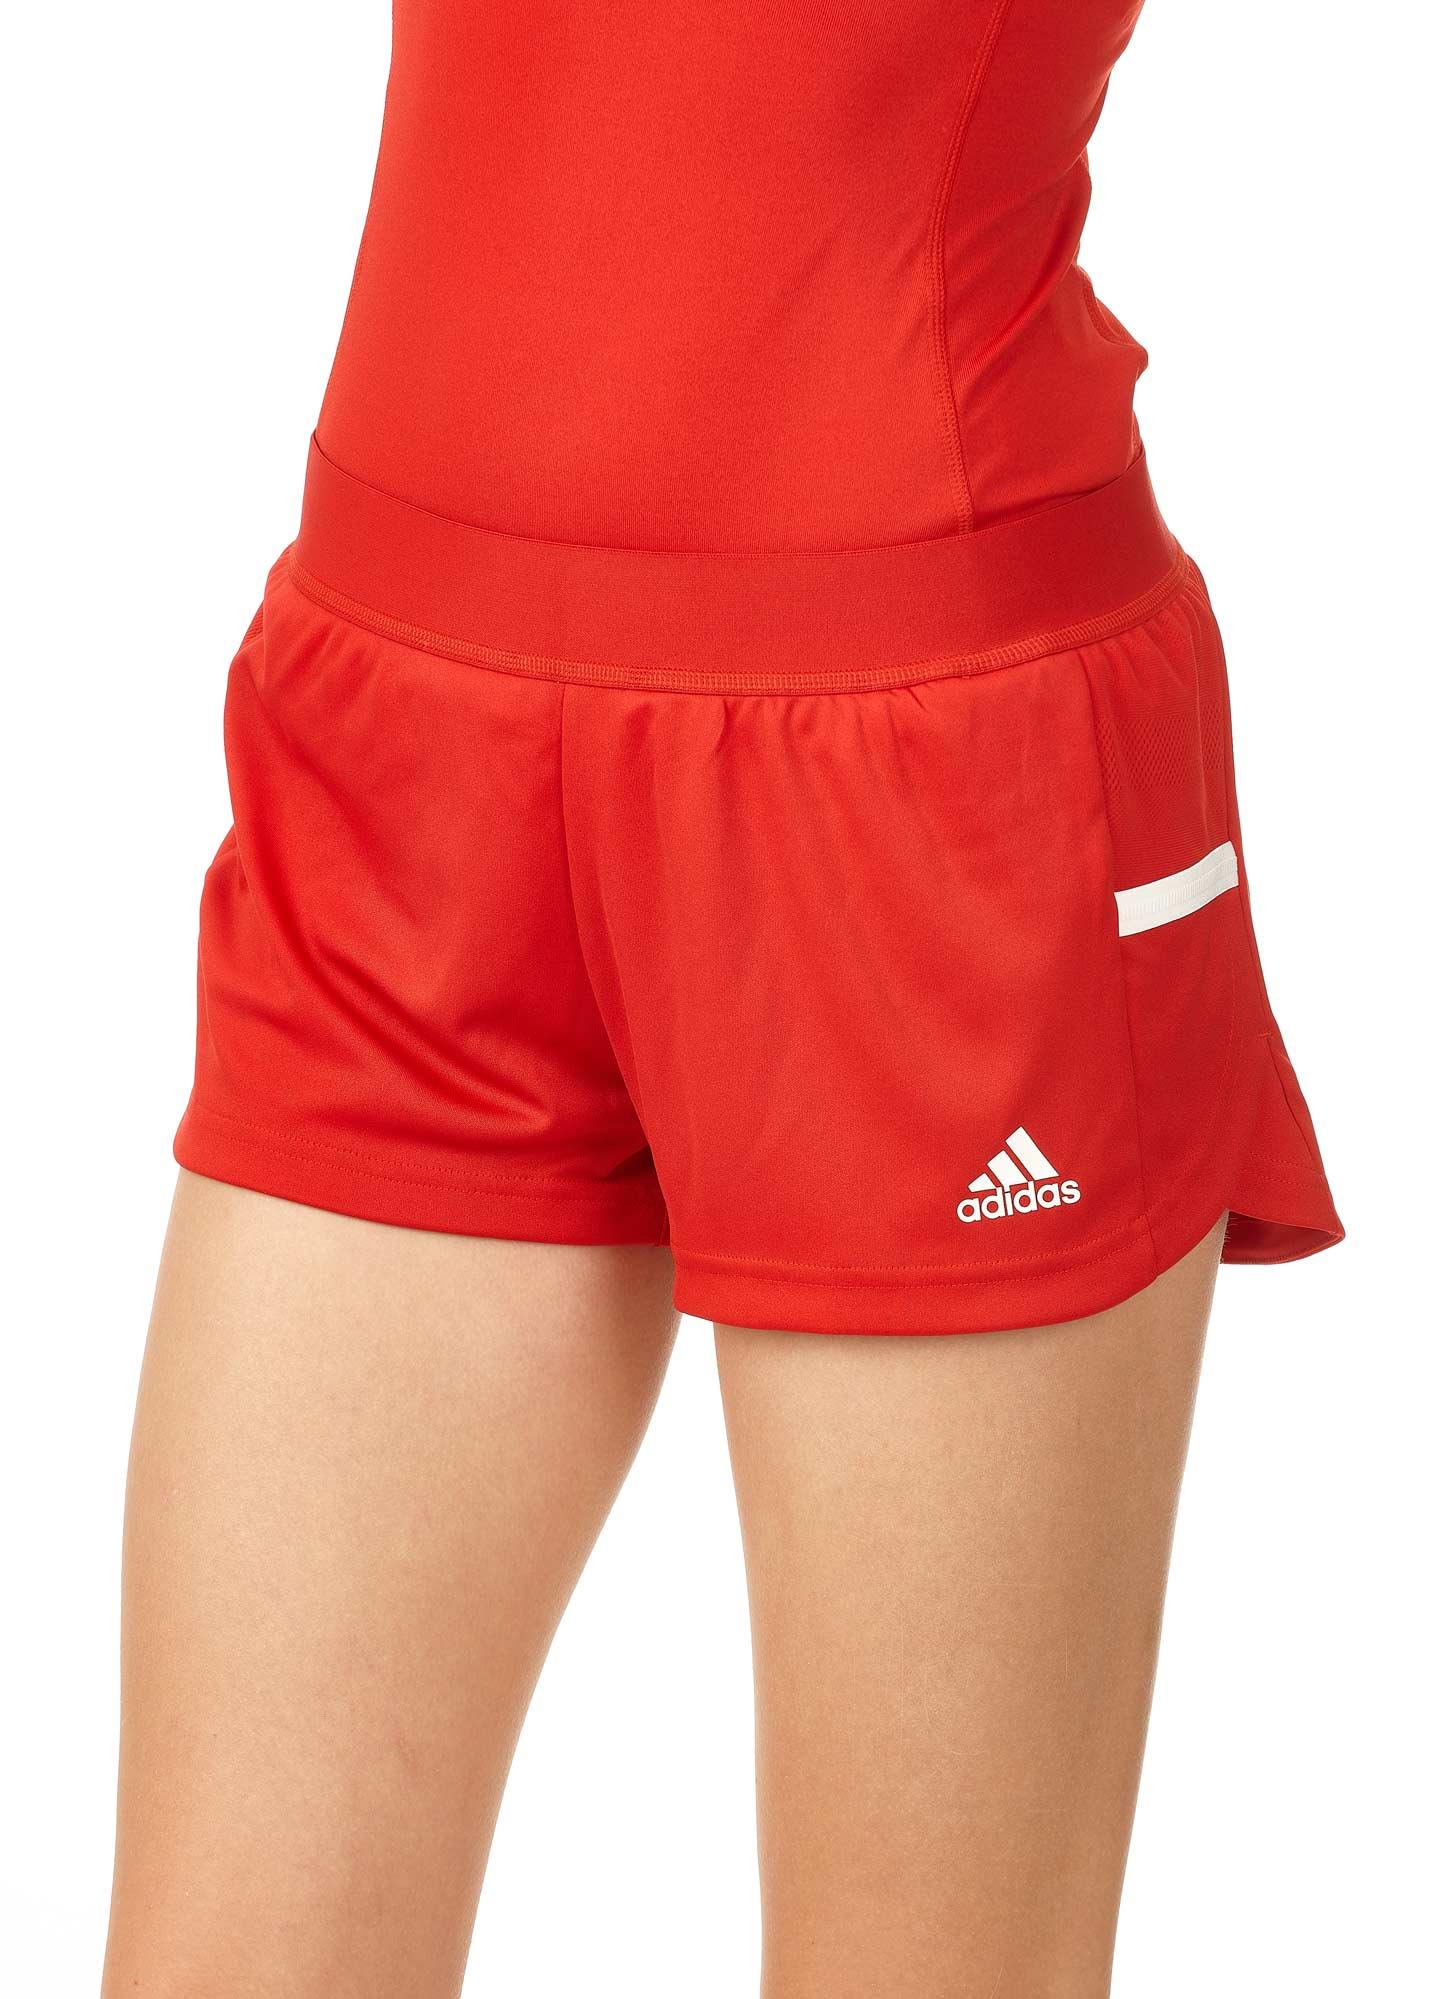 rotweißDX7286 T19 adidas Shorts Run Damen pSUGLzVMq